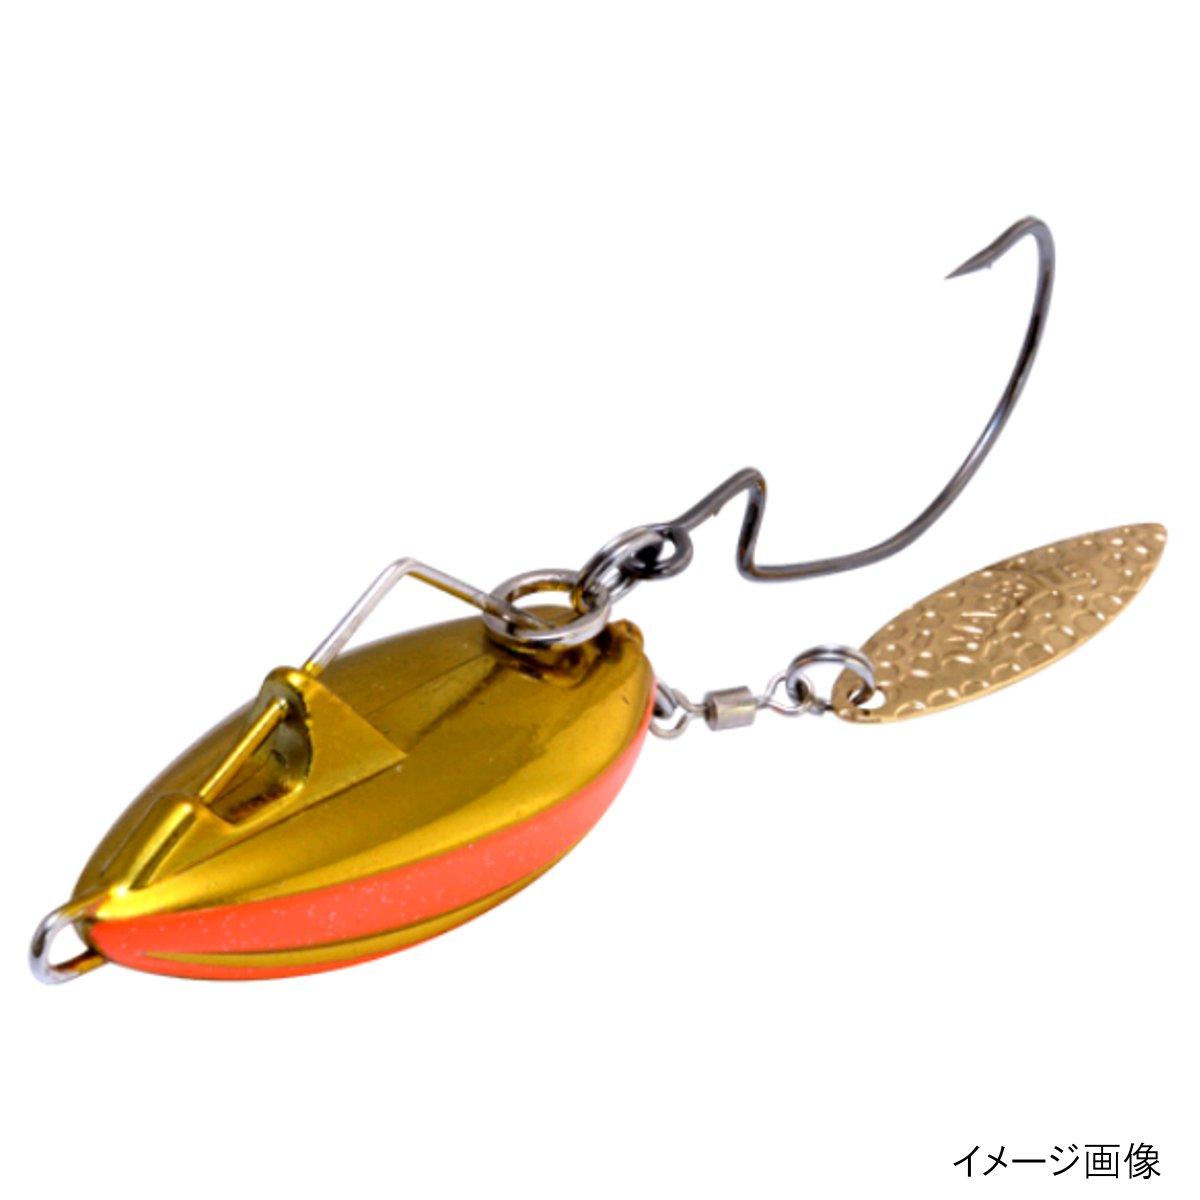 マグバイト バサロHD MBL05 60g 02DG(オレキン)(東日本店)